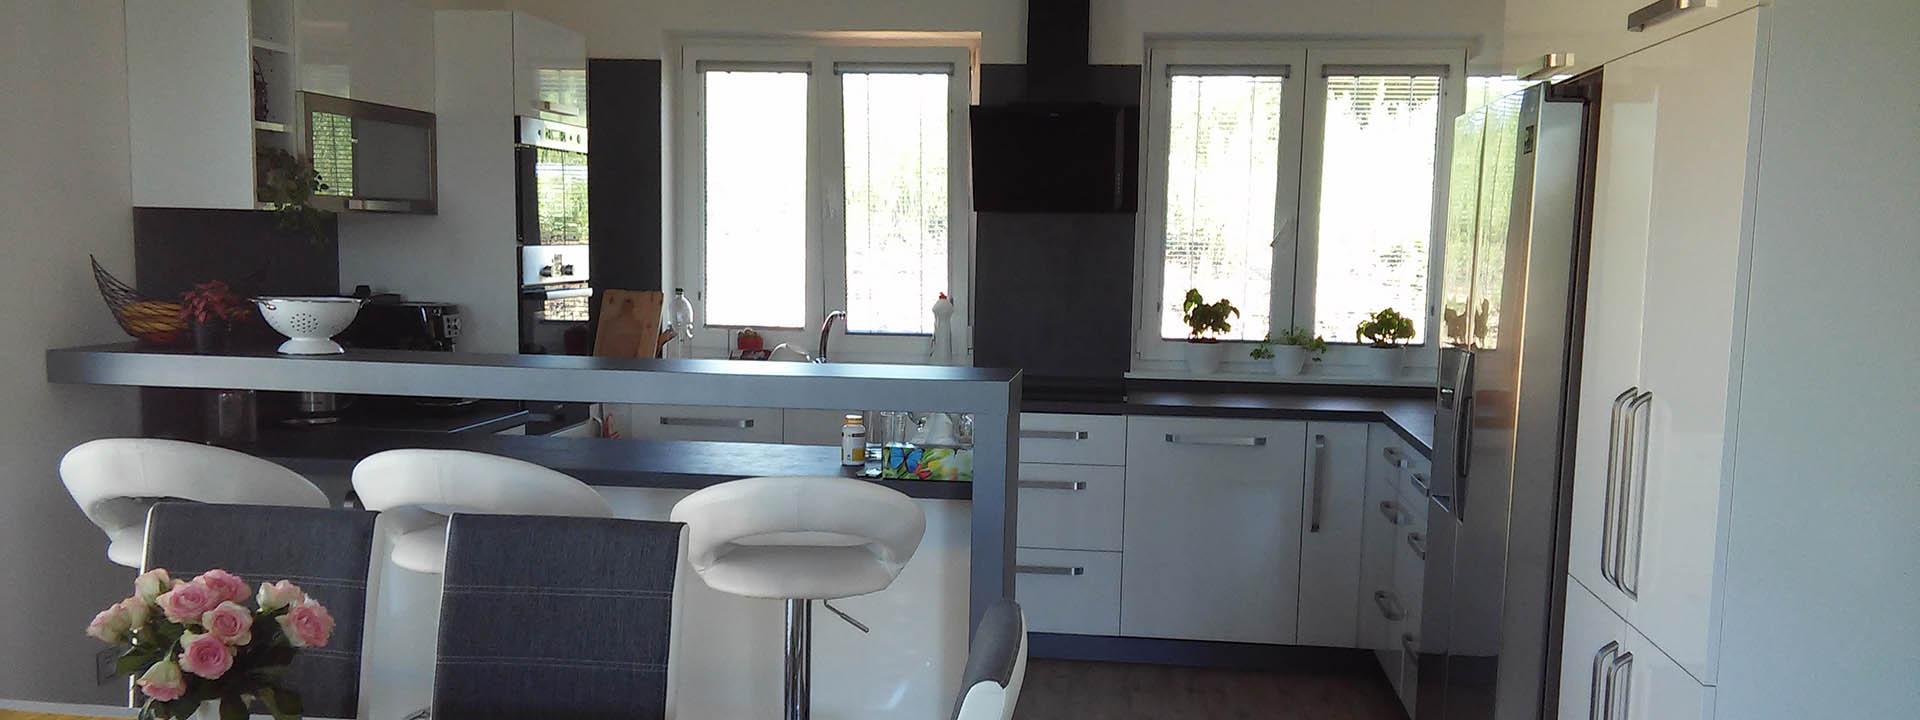 Moderní kuchyně